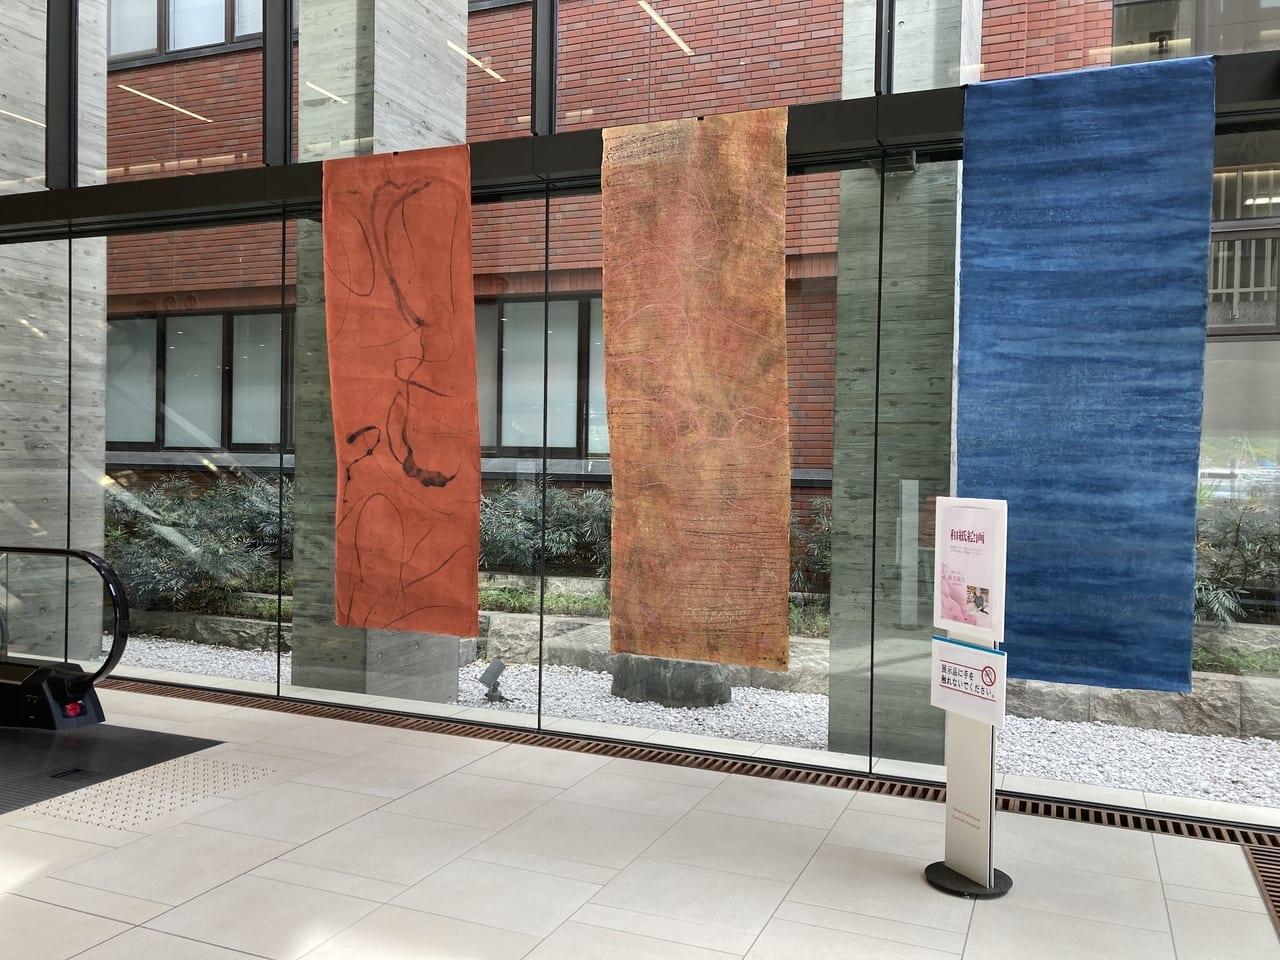 県立中央病院に展示中の秋吉保久さんの和紙絵画